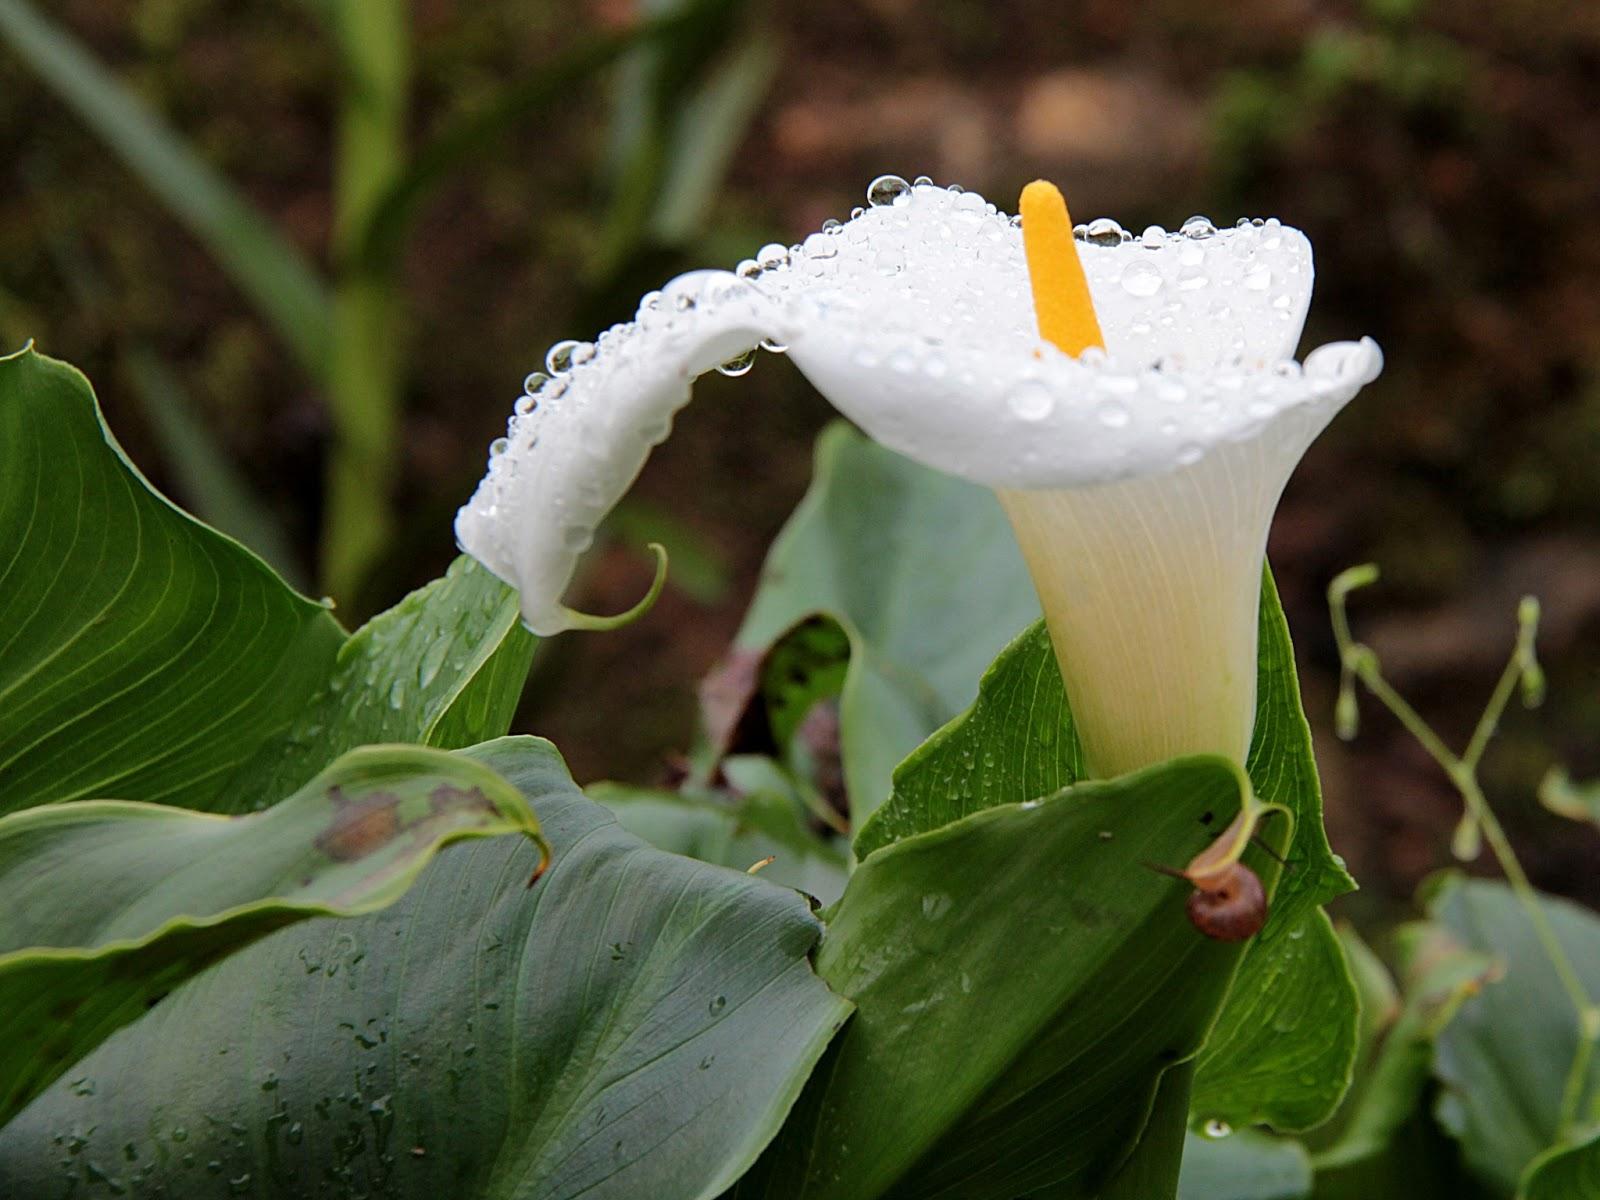 Zantedeschia aethiopica calla aethiopica arum lily calla lily zantedeschia aethiopica calla aethiopica arum lily calla lily izmirmasajfo